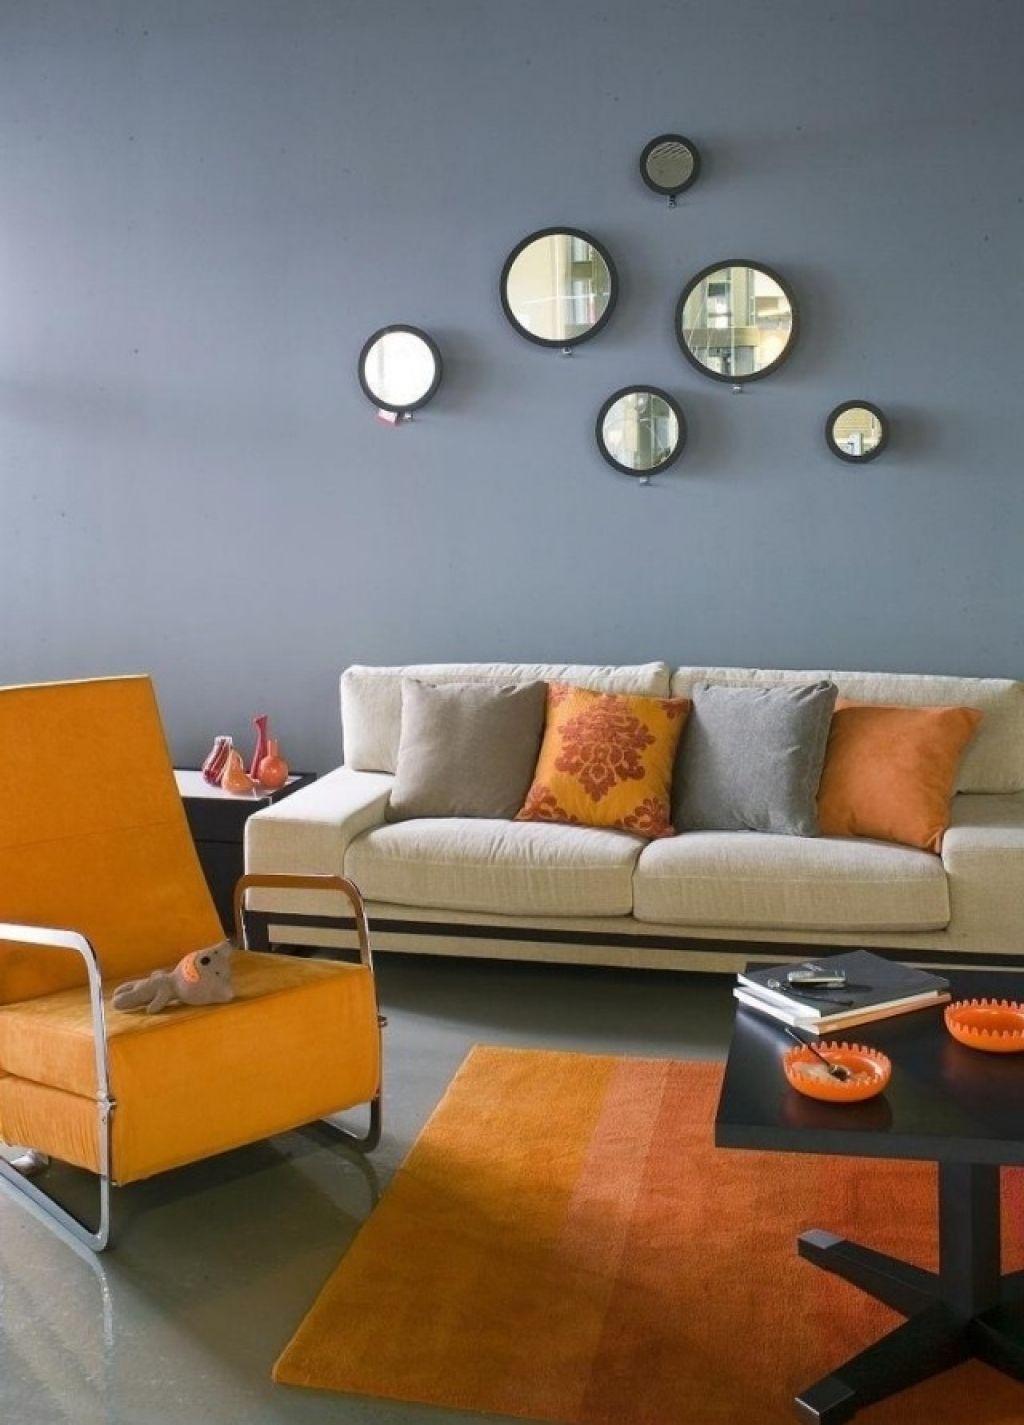 Uberlegen Dekoideen Wohnzimmer Orange 29 Ideen Frs Wohnzimmer Streichen Tipps Und  Beispiele Dekoideen Wohnzimmer Orange